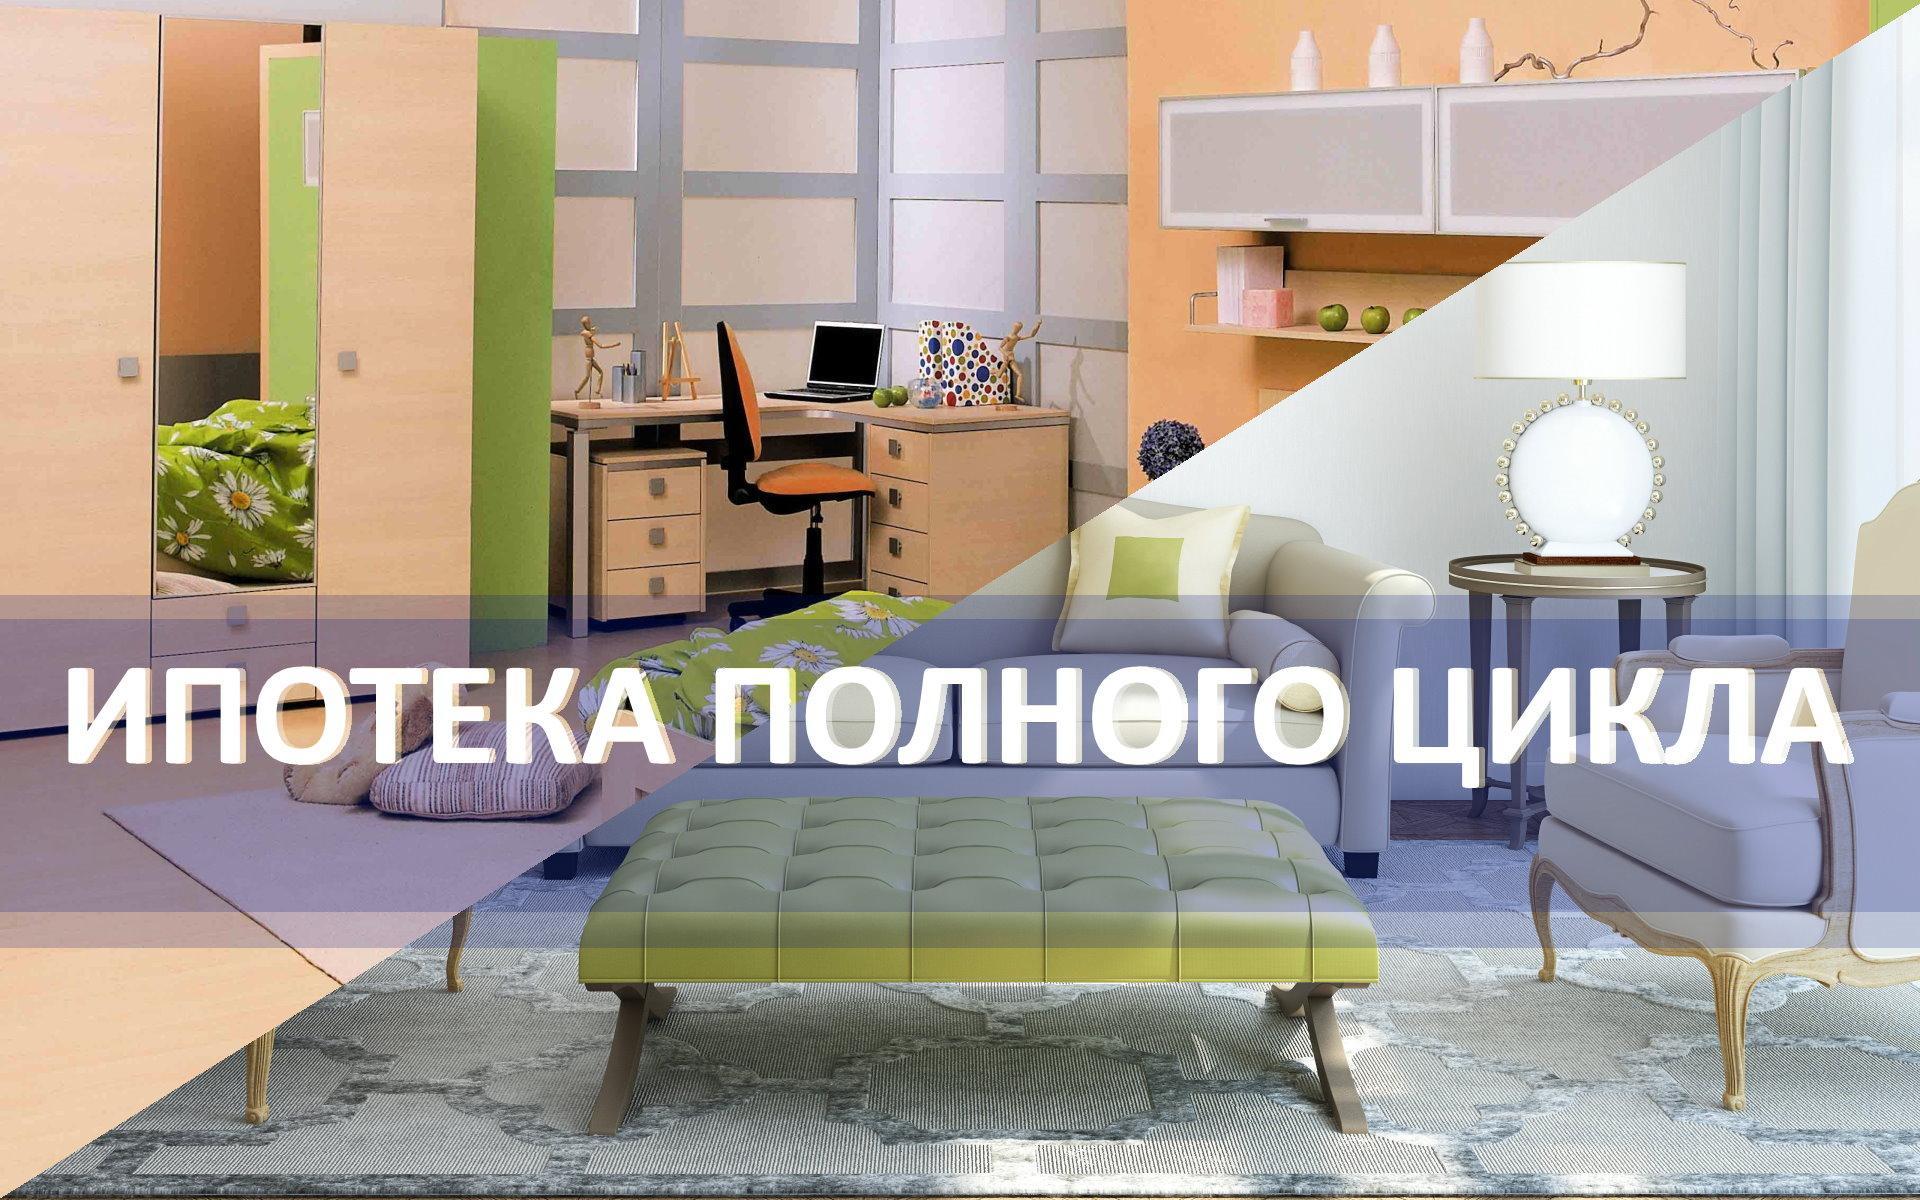 Ипотека банка «ЮниКредит»